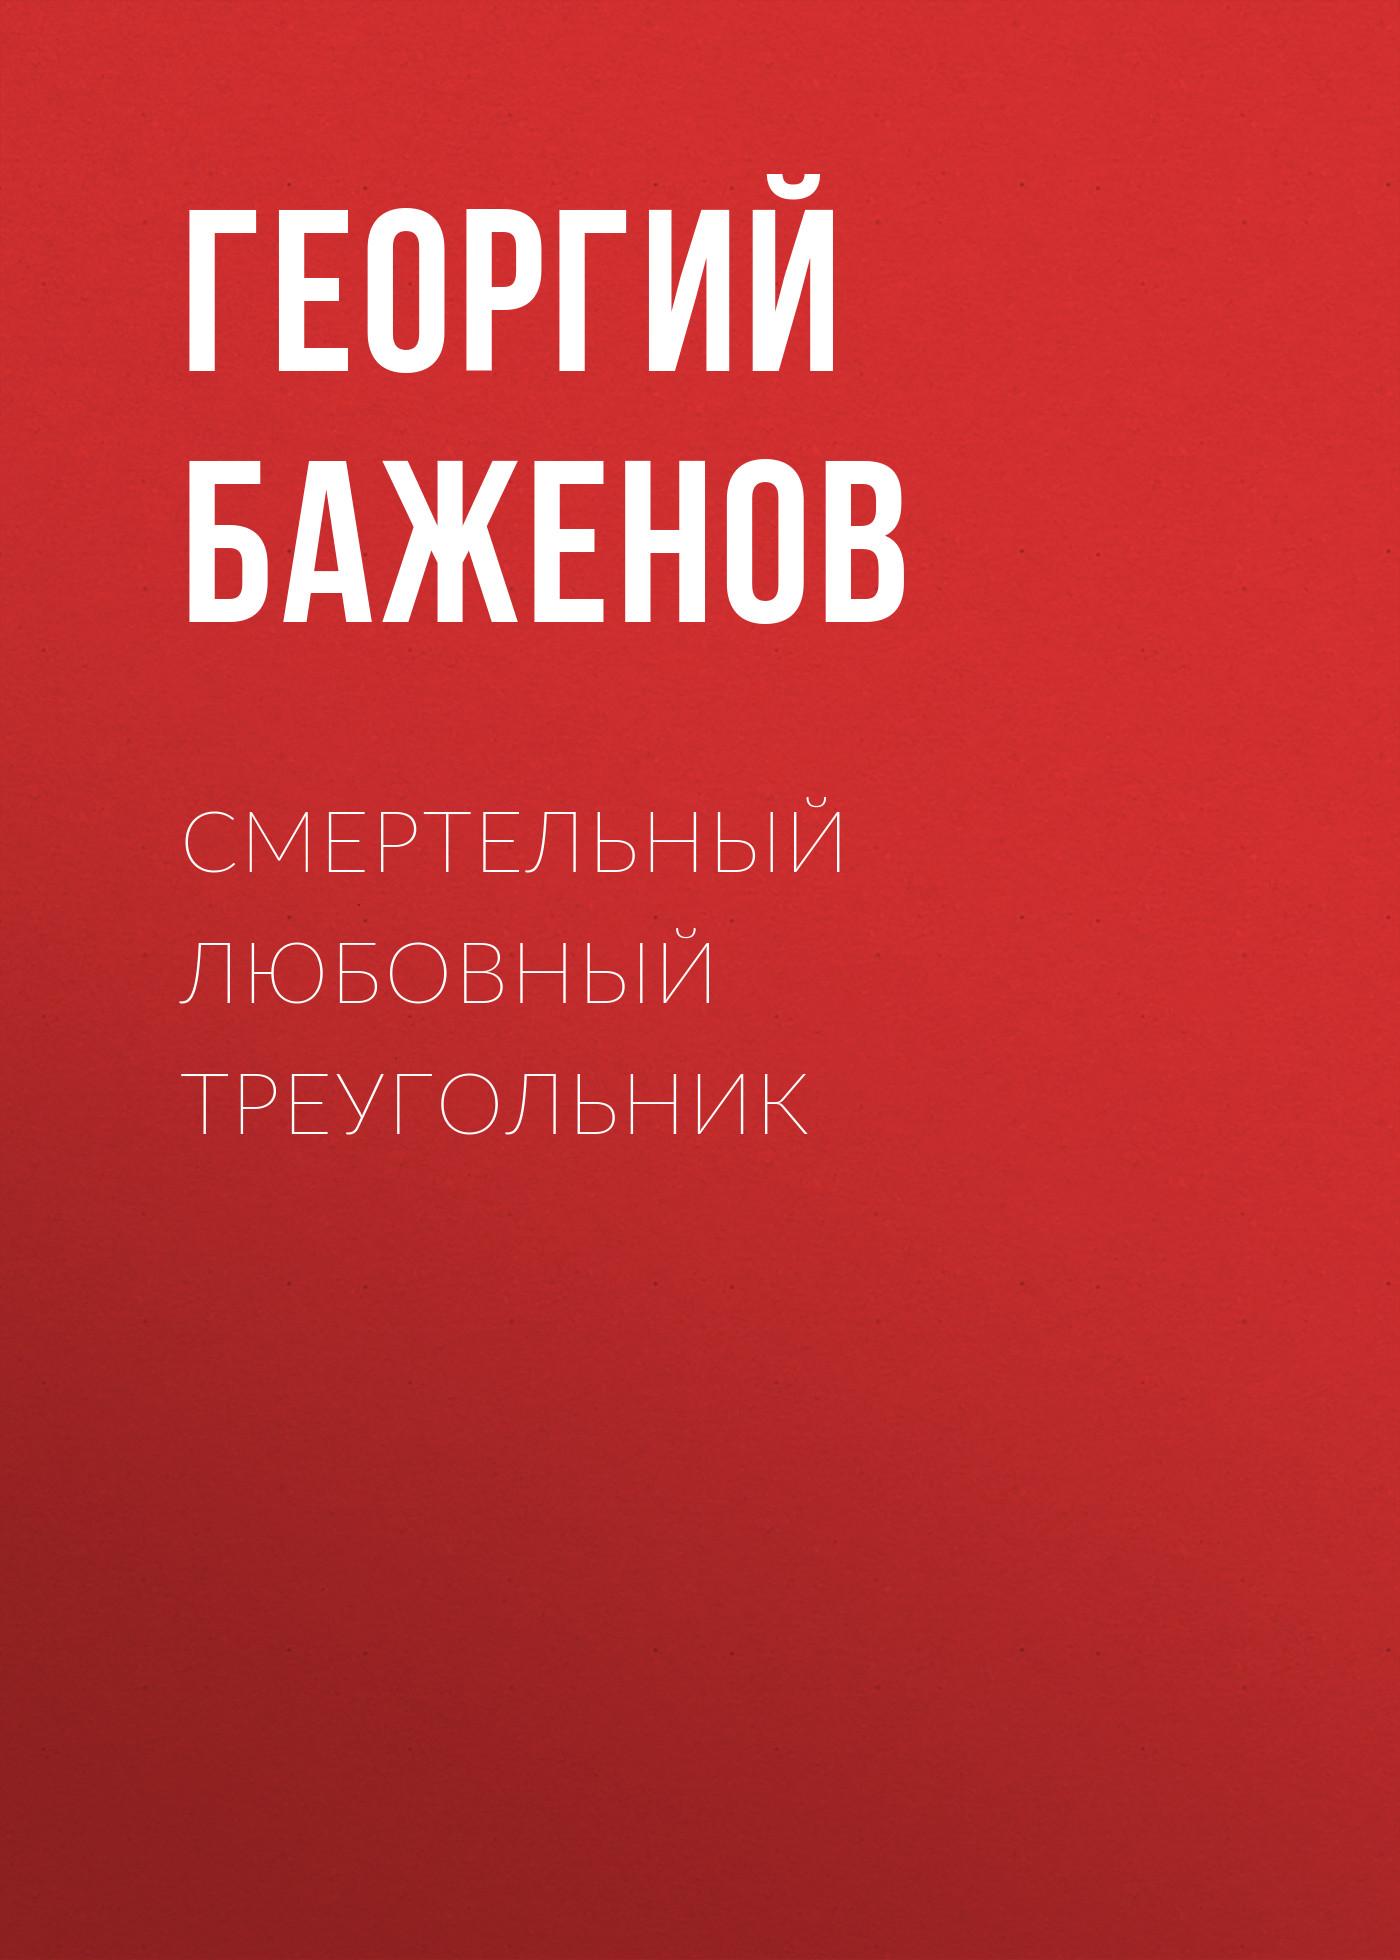 Георгий Баженов Смертельный любовный треугольник баженов георгий похищение любви